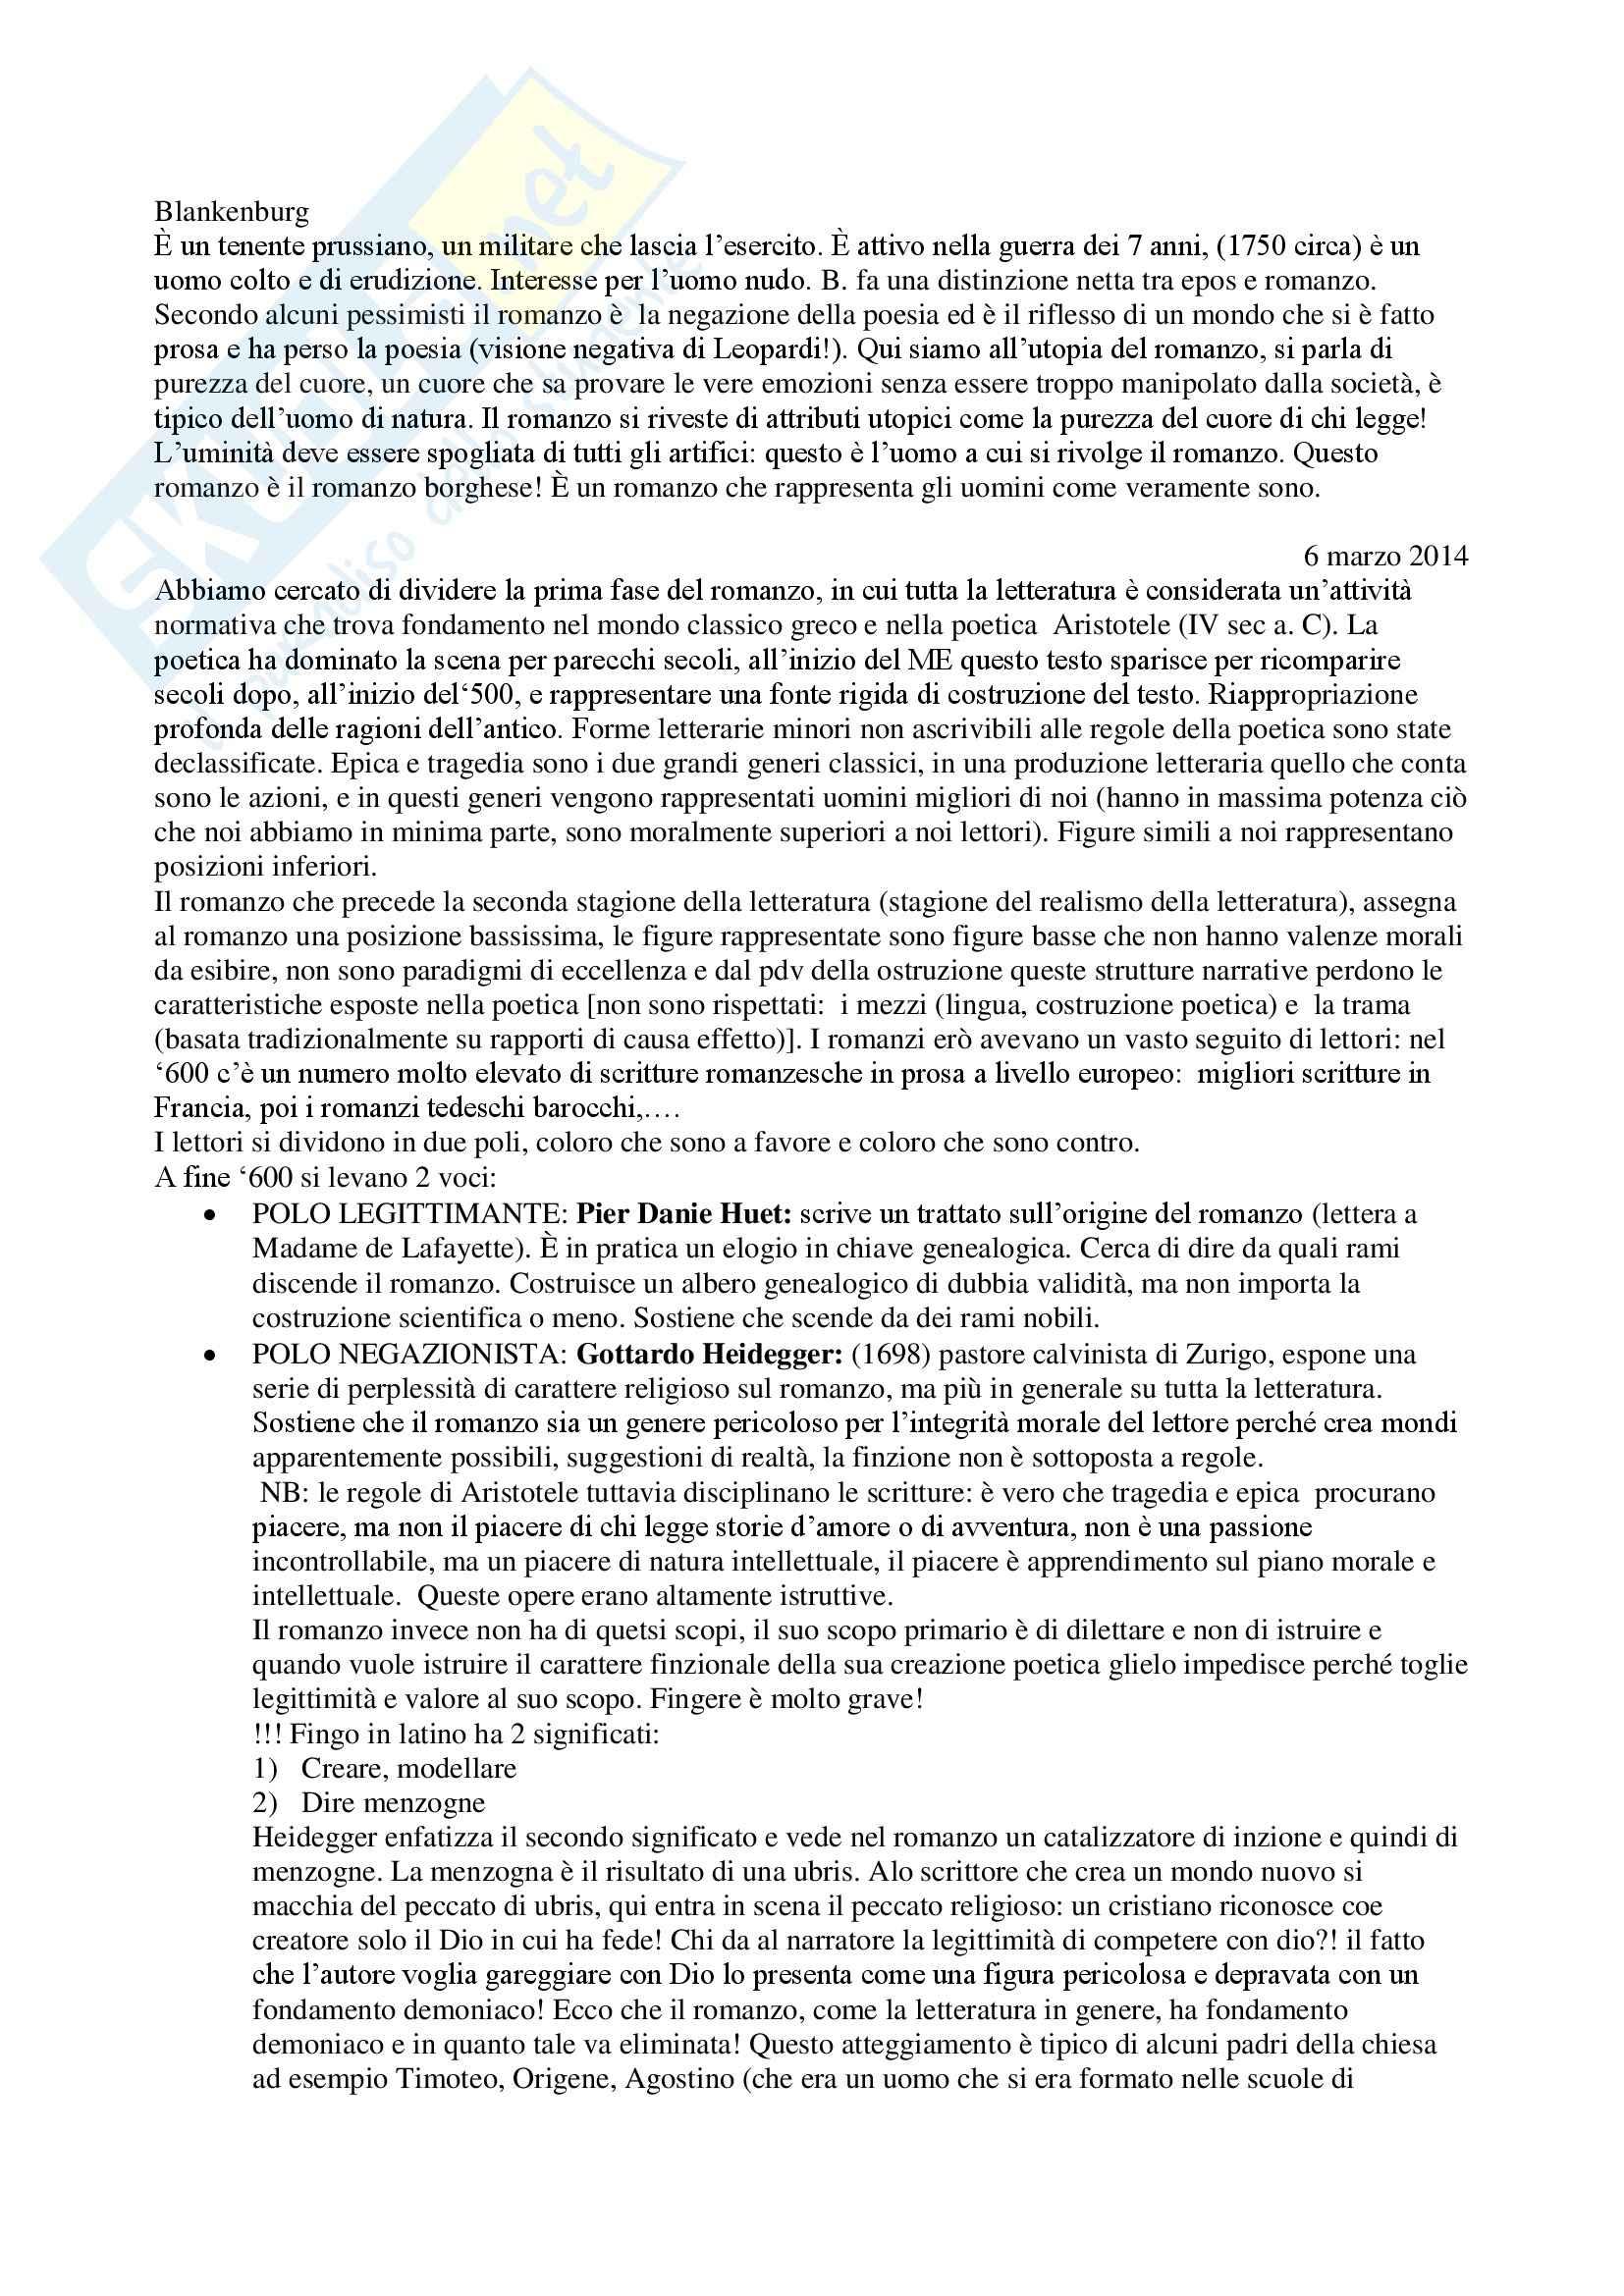 Lezioni, Storia della critica letteraria Pag. 6